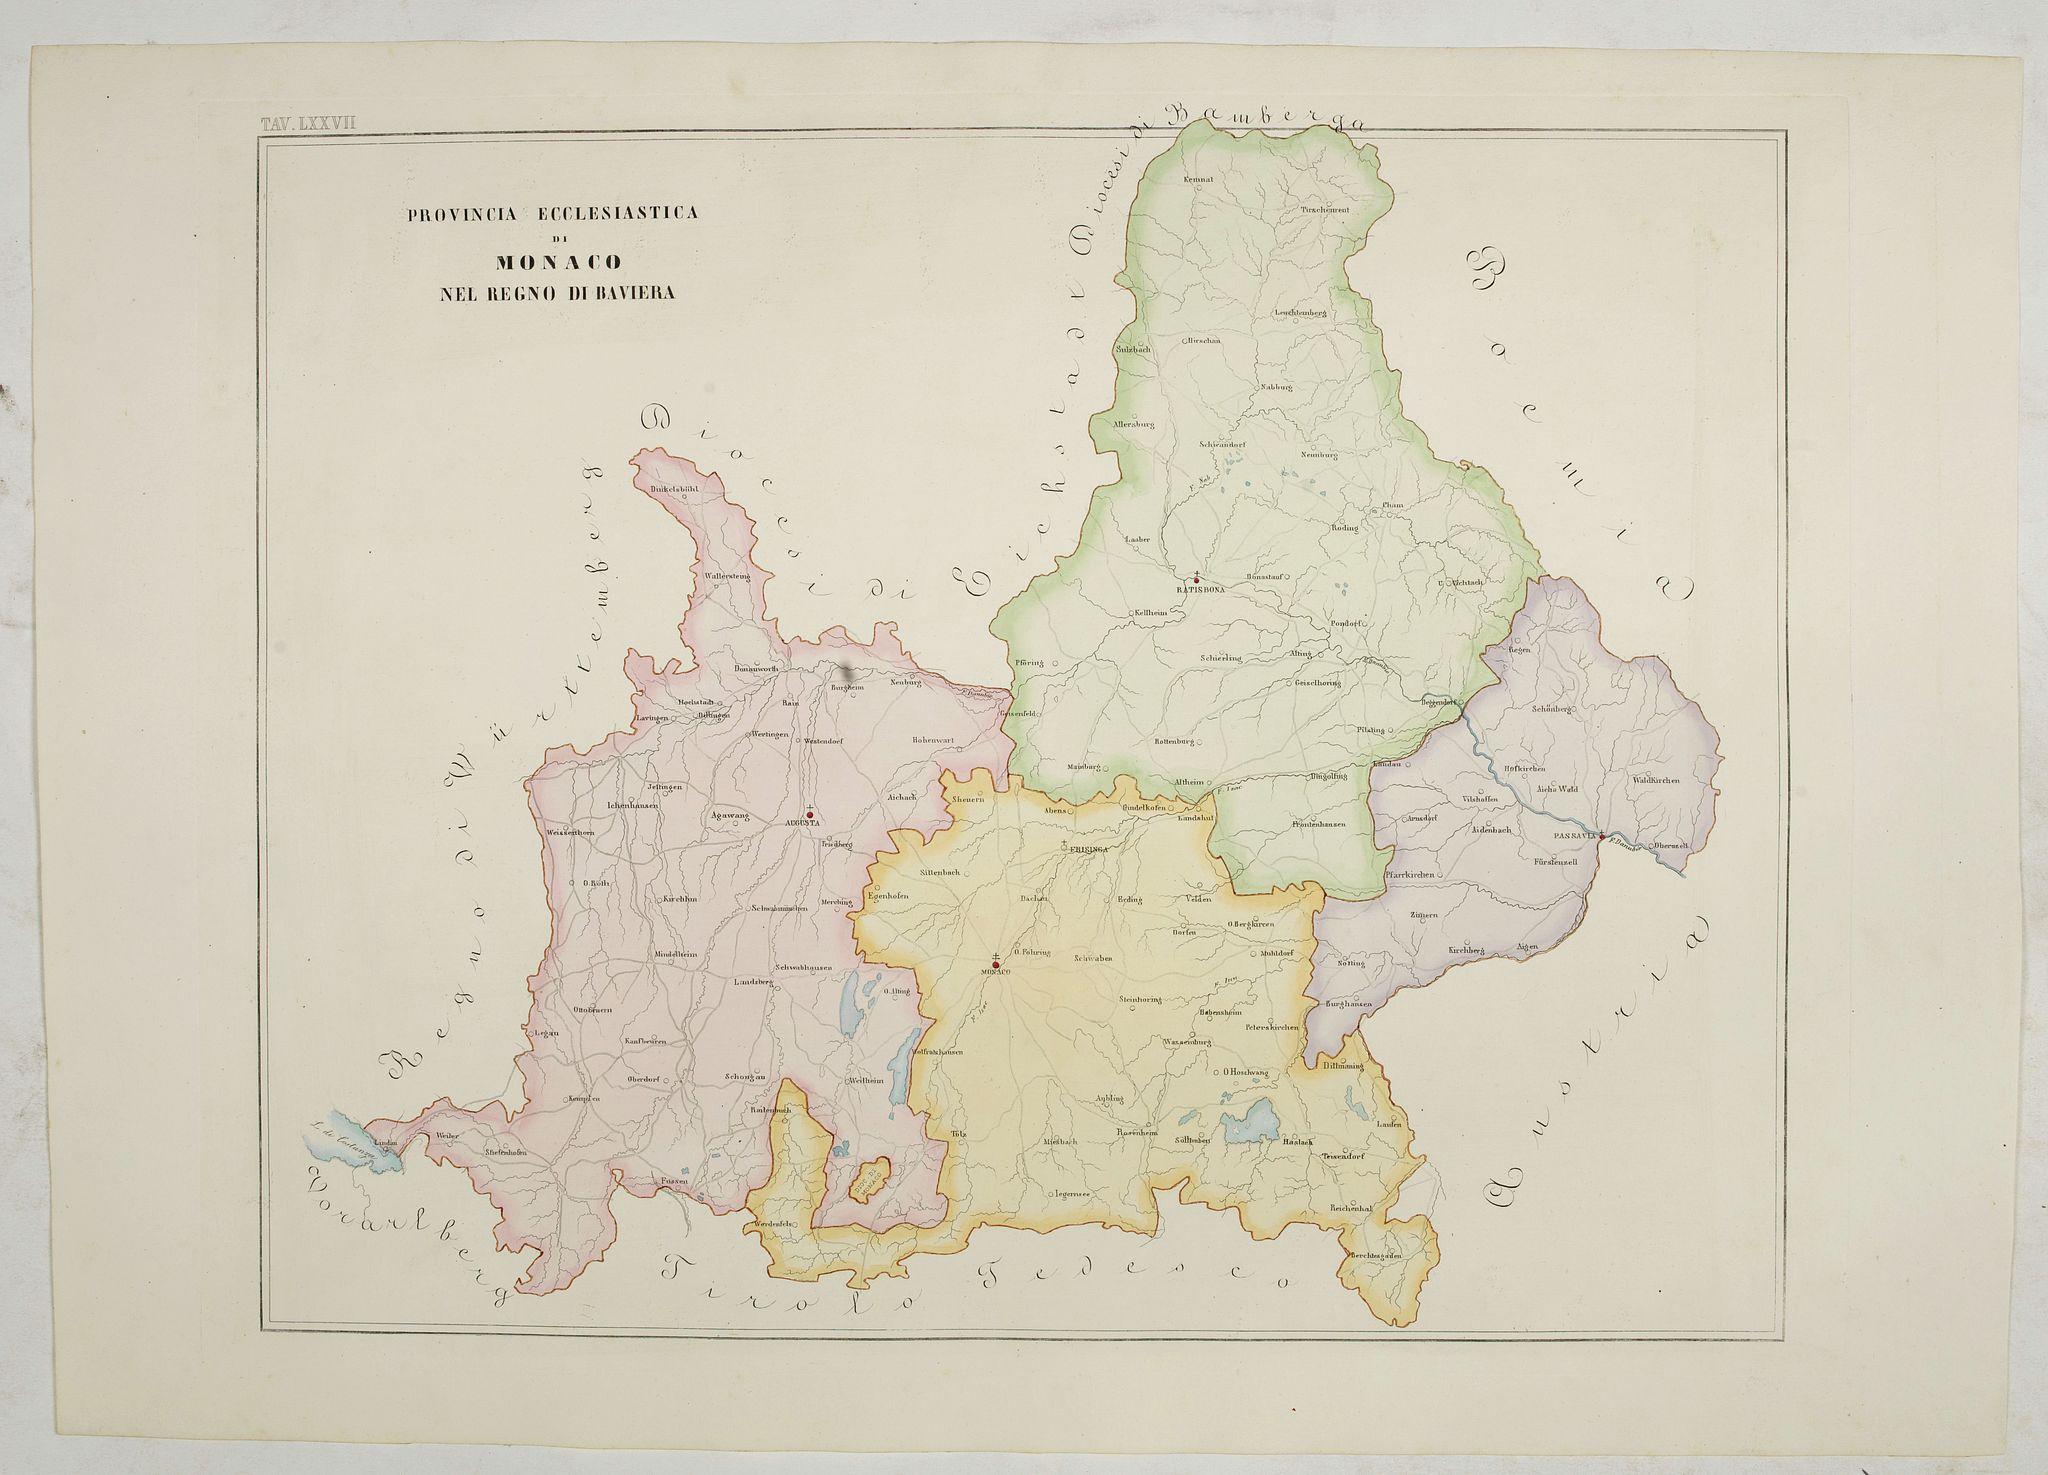 PETRI  Girolamo -  Province ecclesiastica di Monaco nel regno di Baviera (Tav LXXVII)